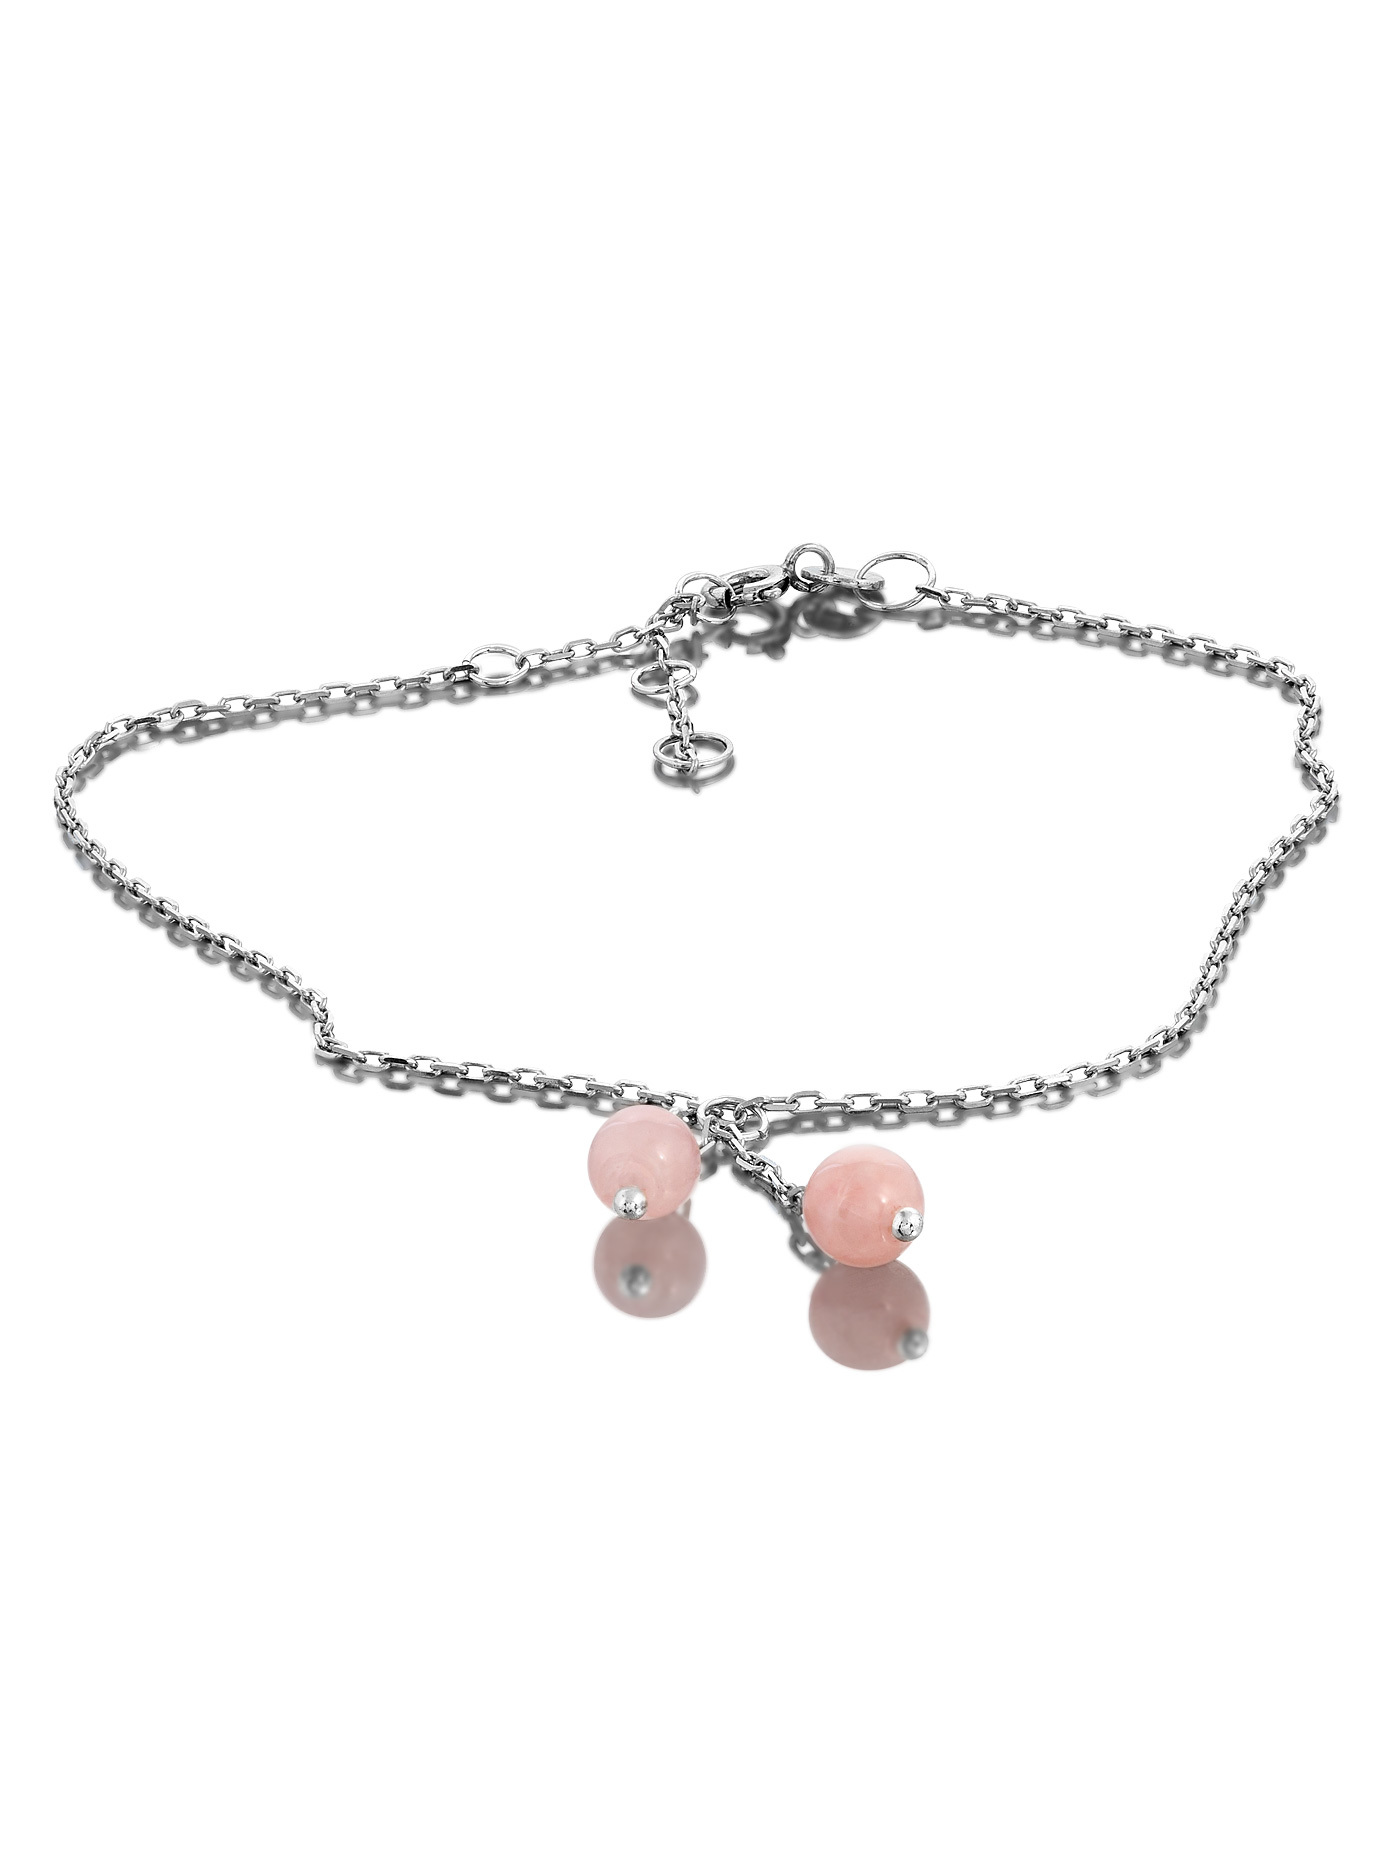 Серебряный браслет на ногу, анклет, с розовым кварцем